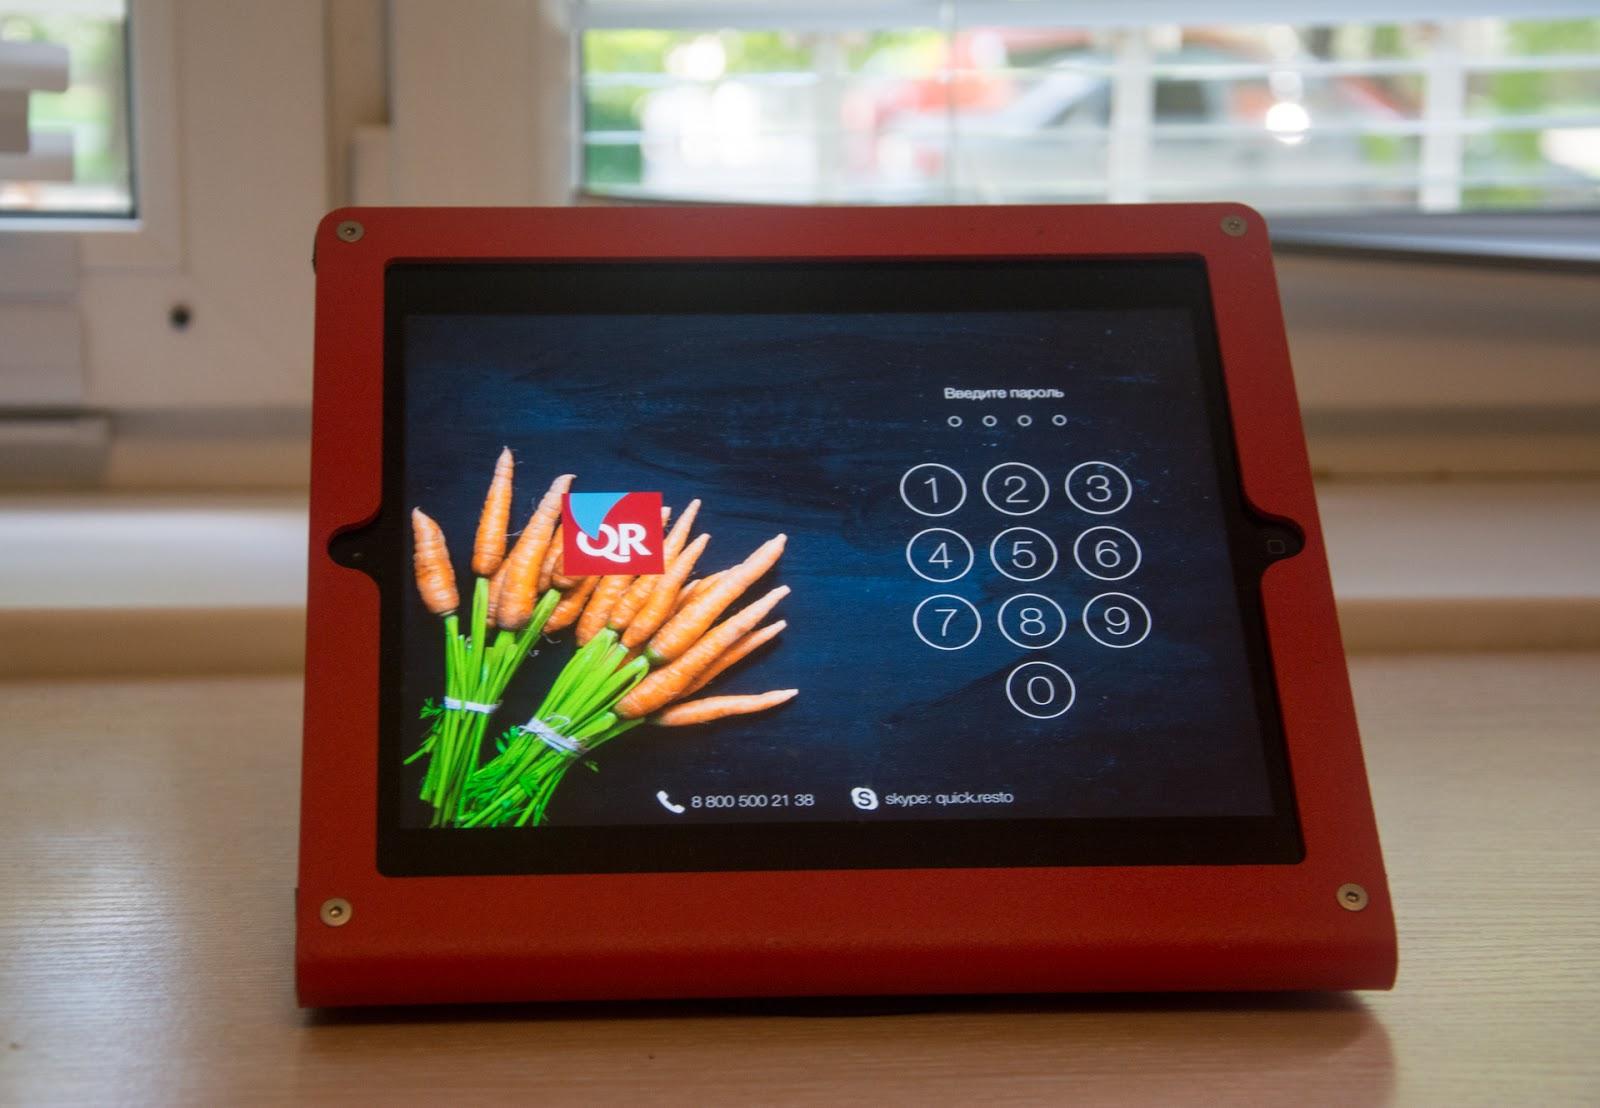 Обзор Quick Resto. Как создать и автоматизировать свой ресторан - 20